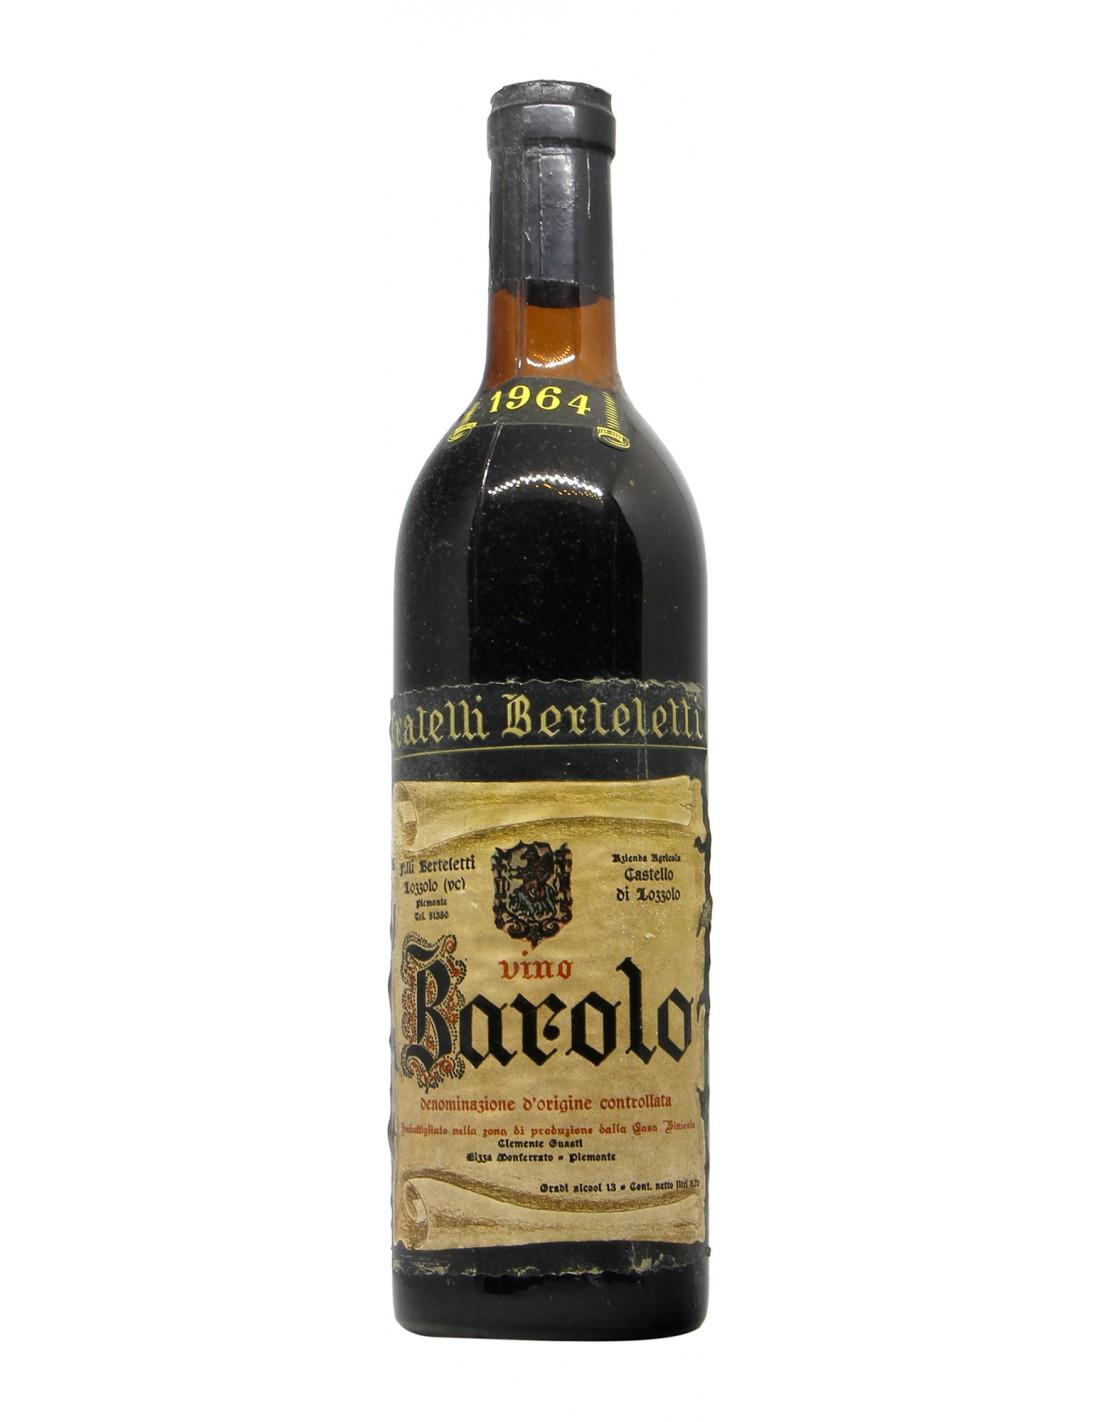 BAROLO 1964 FRATELLI BERTELETTI Grandi Bottiglie